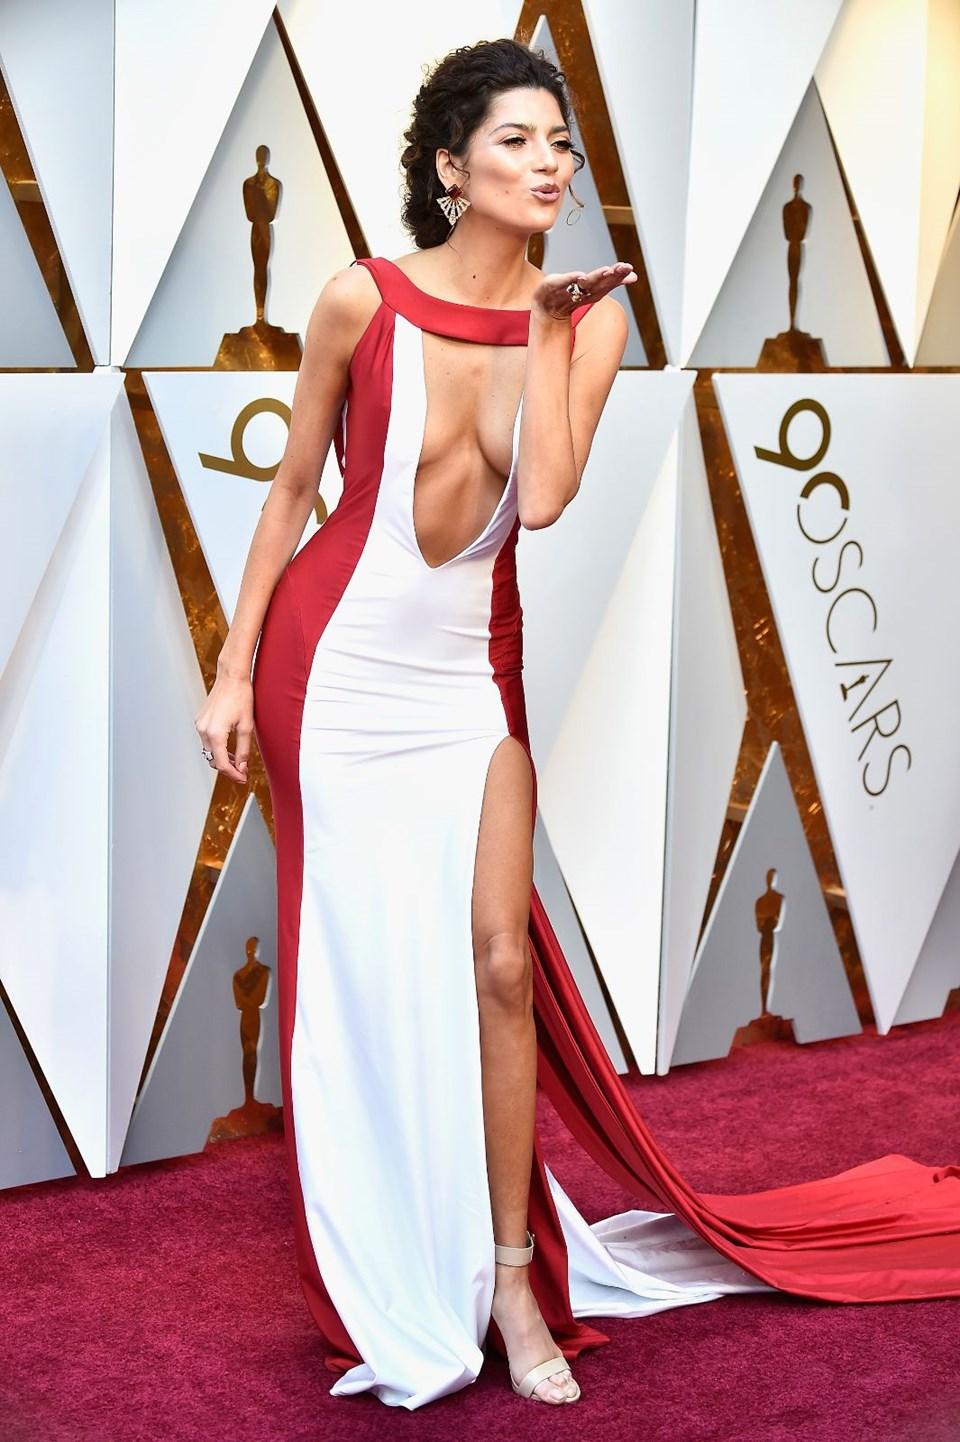 Oscar kırmızı halı görünümleri, Oscar modası, Oscar stili, kırmızı halı, Oscar kırmızı halı